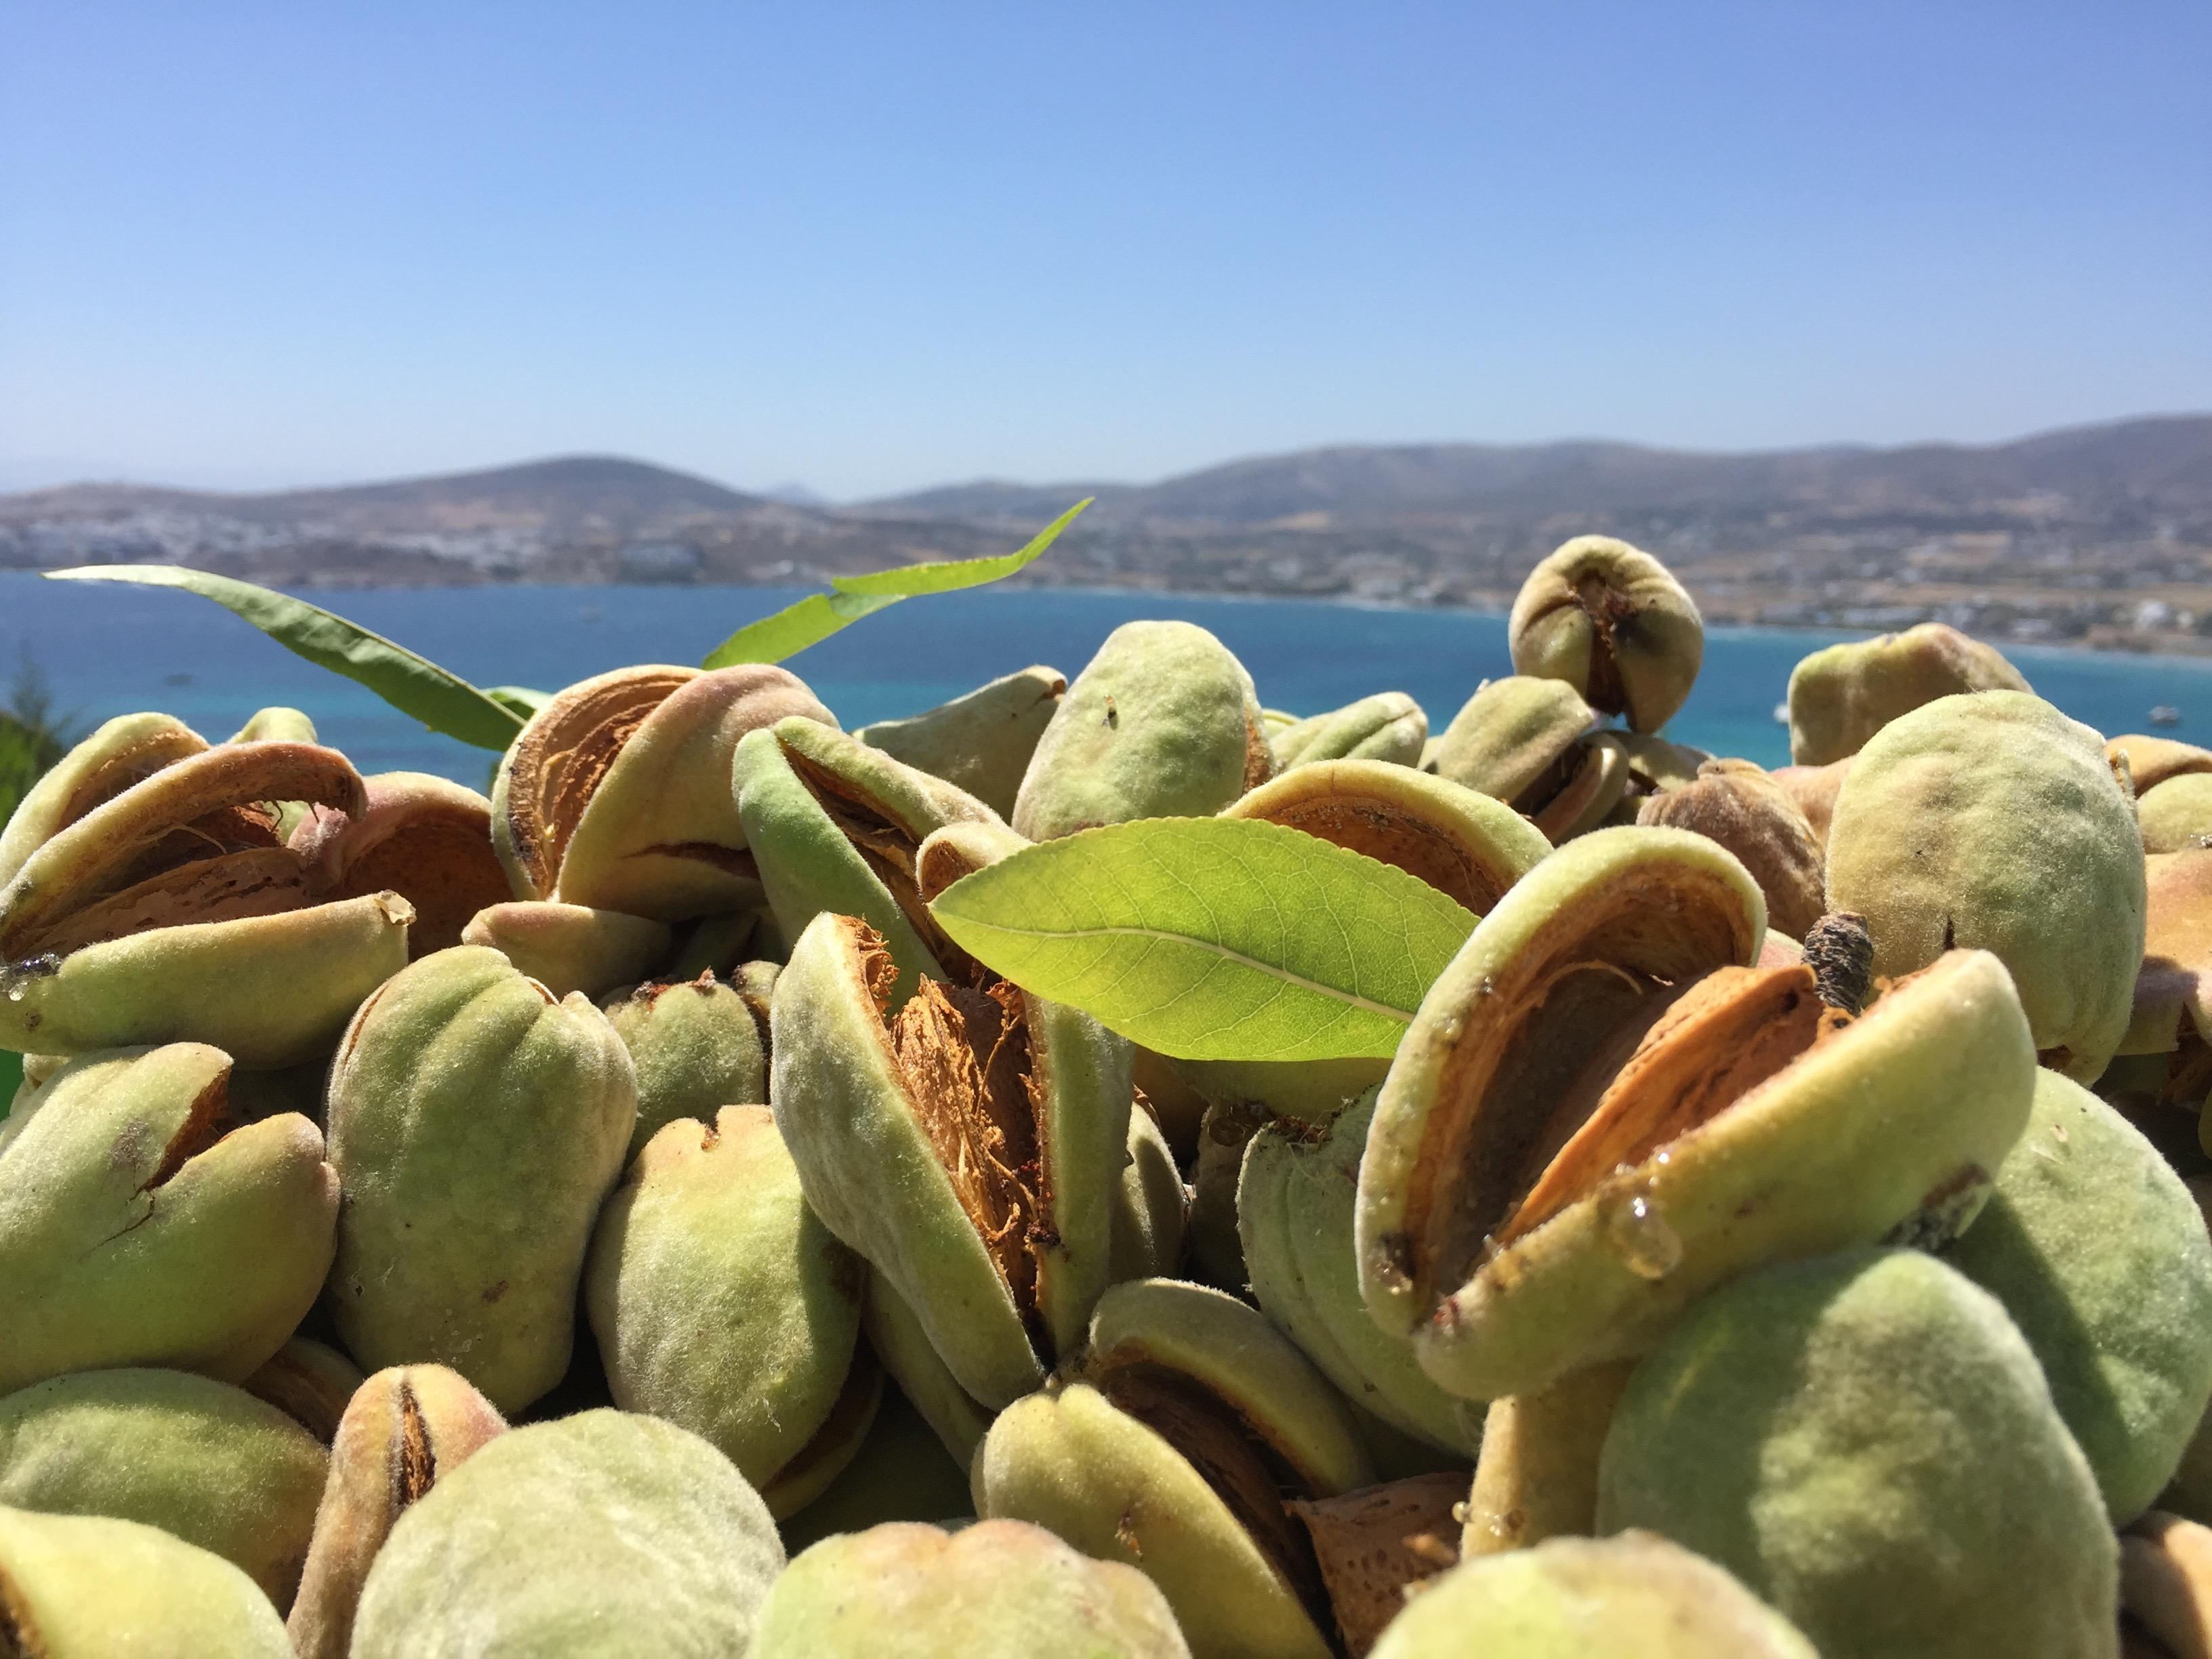 Almond View